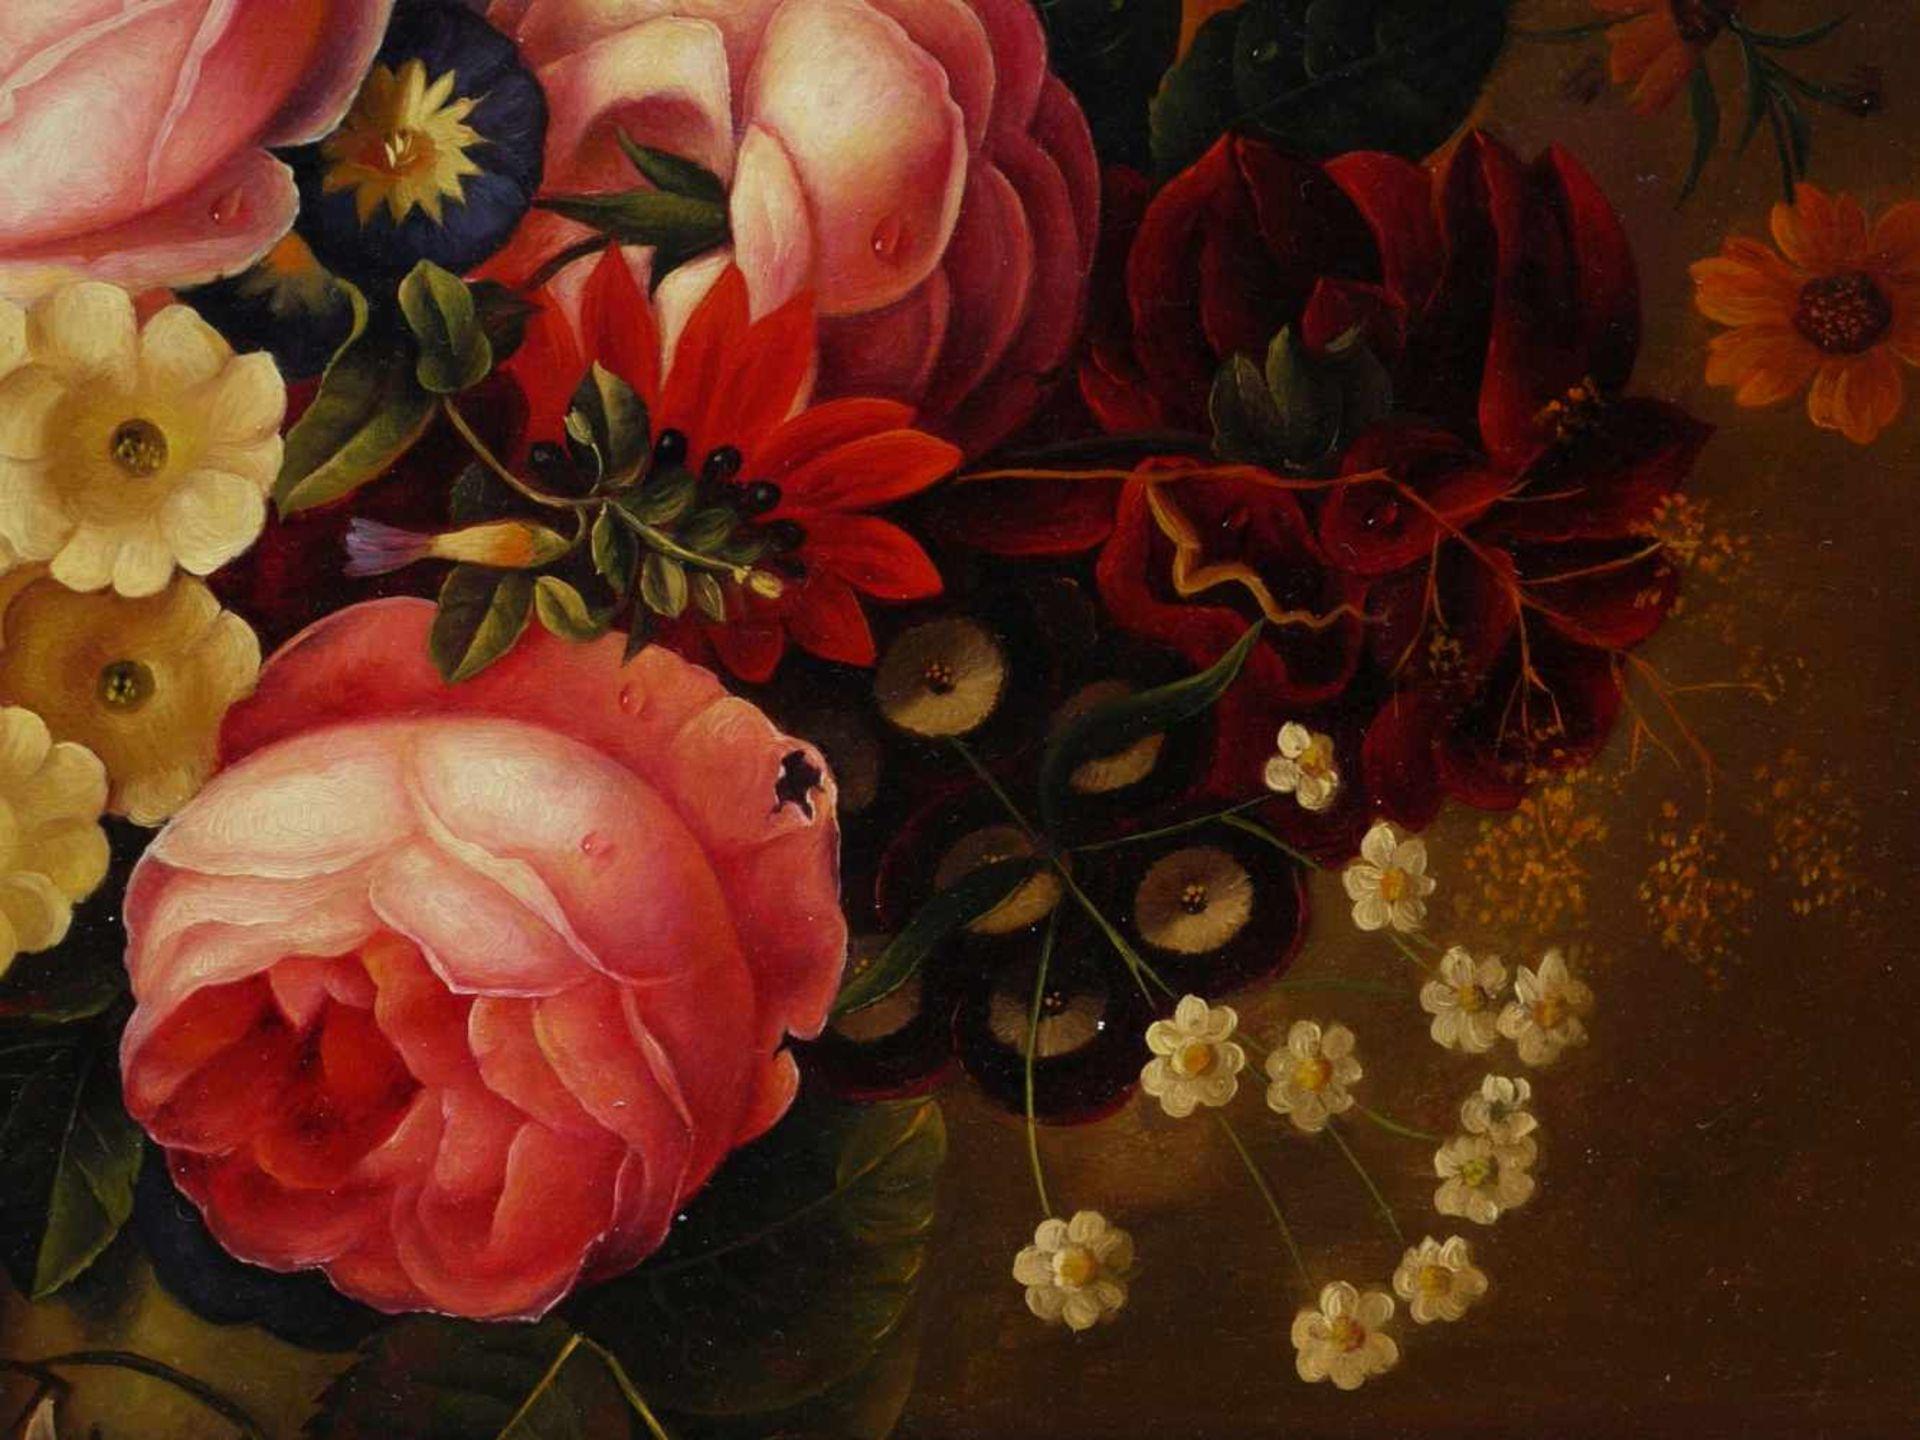 Holstayn, Josef (1930-?) - BlumenstückFeinste Malerei in typischer Manier des Künstler. Meisterhafte - Bild 5 aus 10